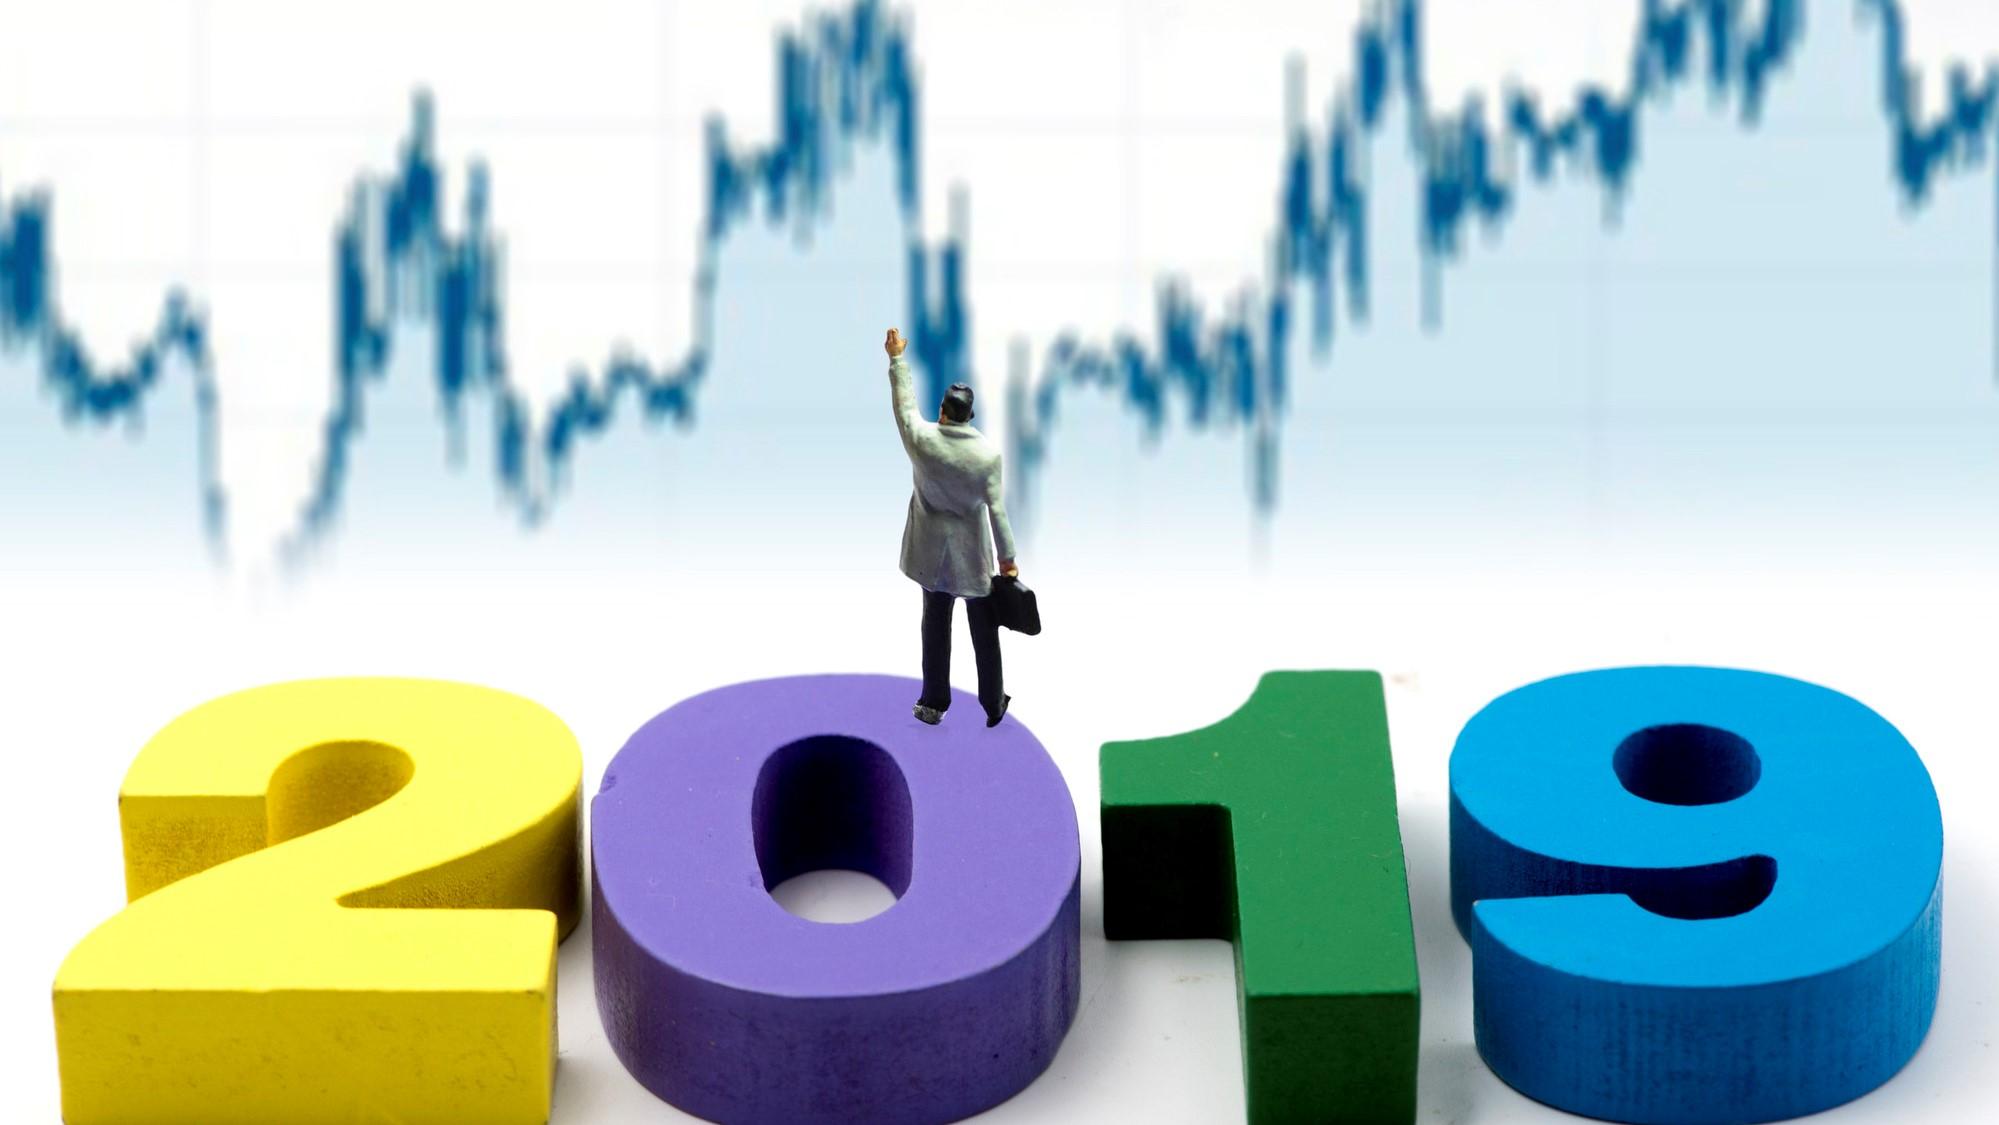 中国平安(02318.HK)拟回购50-100亿元A股股份 价格上限为101.24元/A股